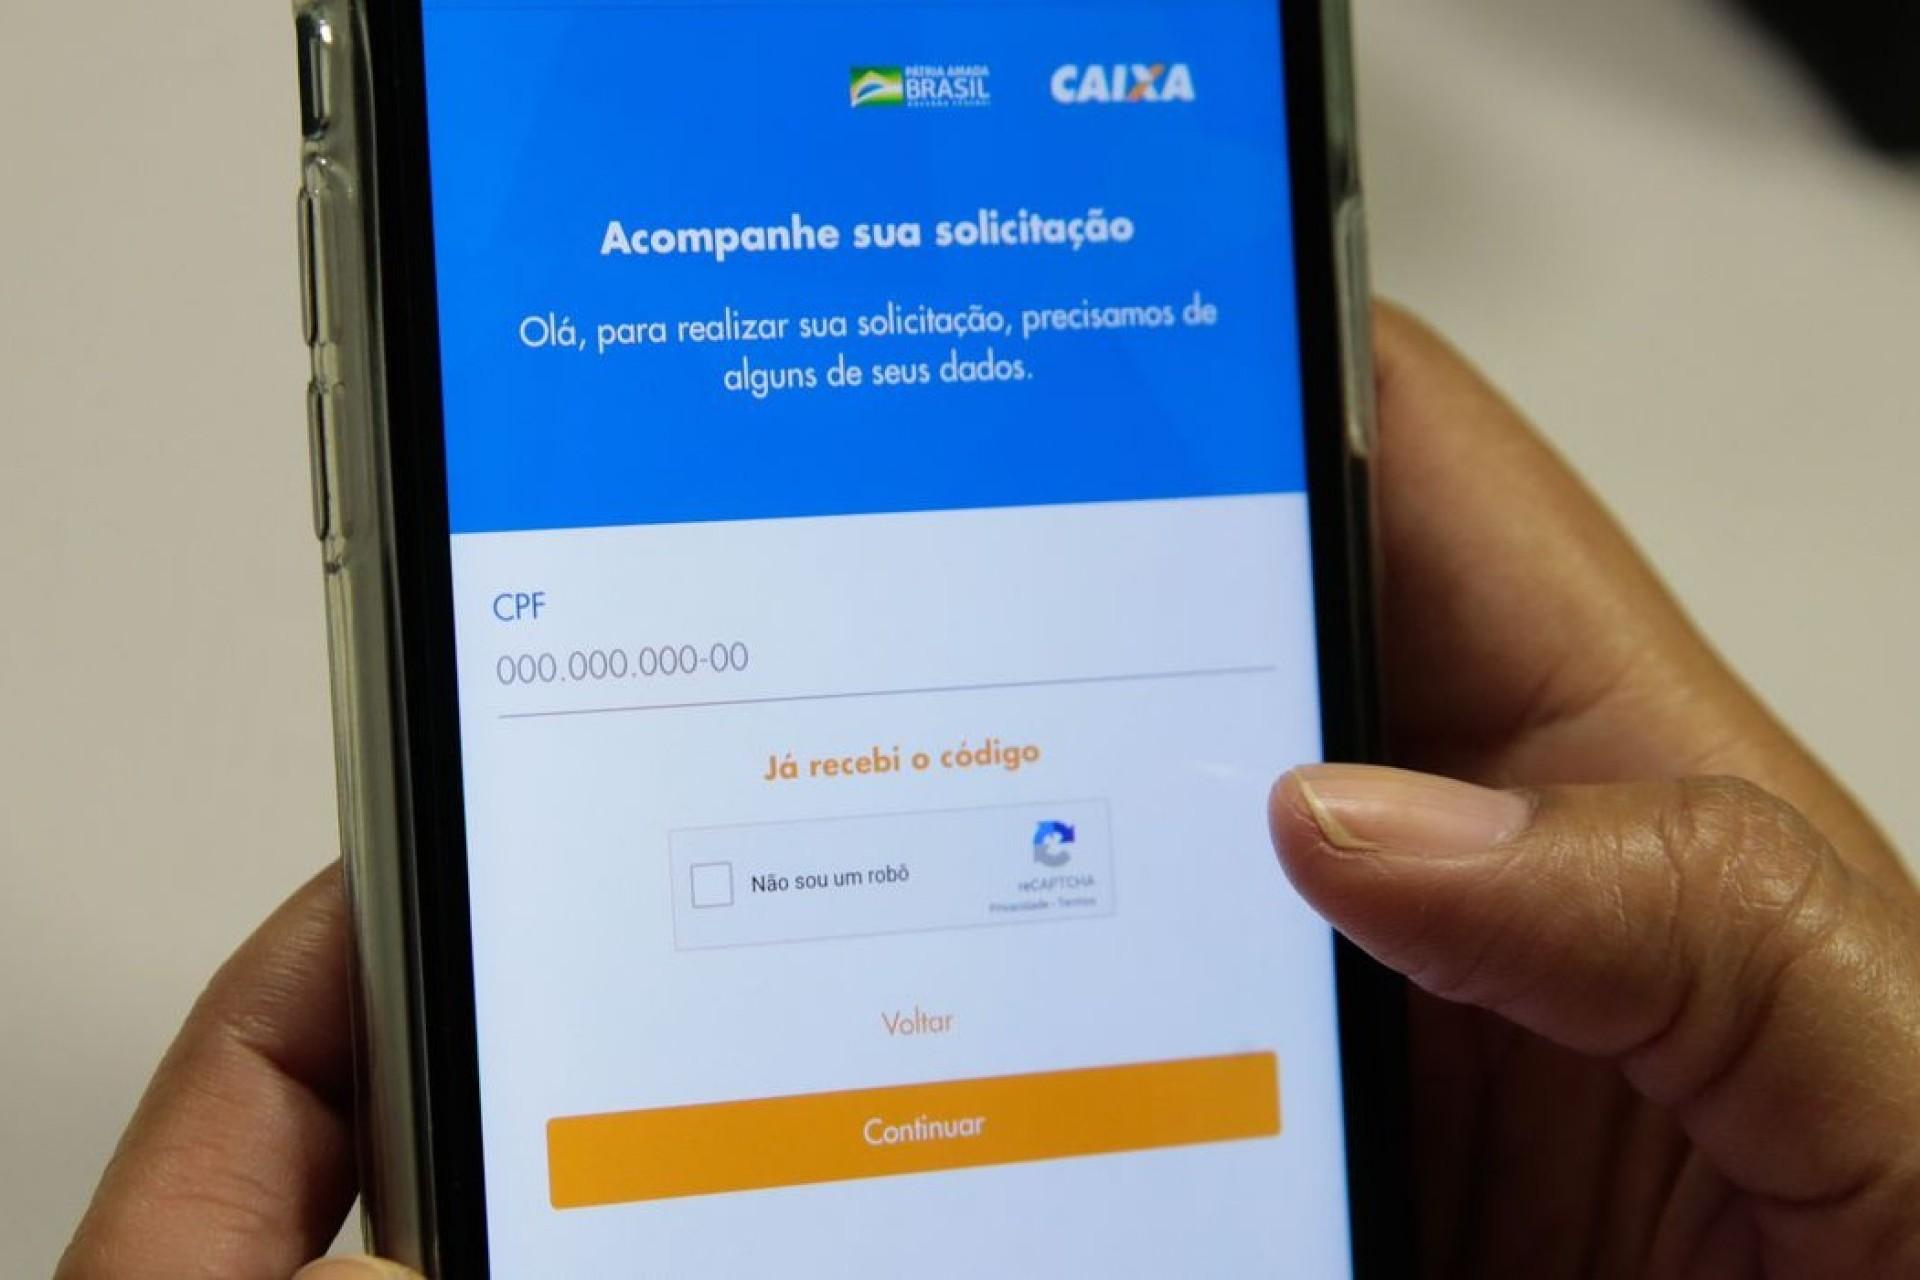 Auxílio emergencial foi pago ilegalmente a 10648 servidores municipais do Paraná inclusive de Missal